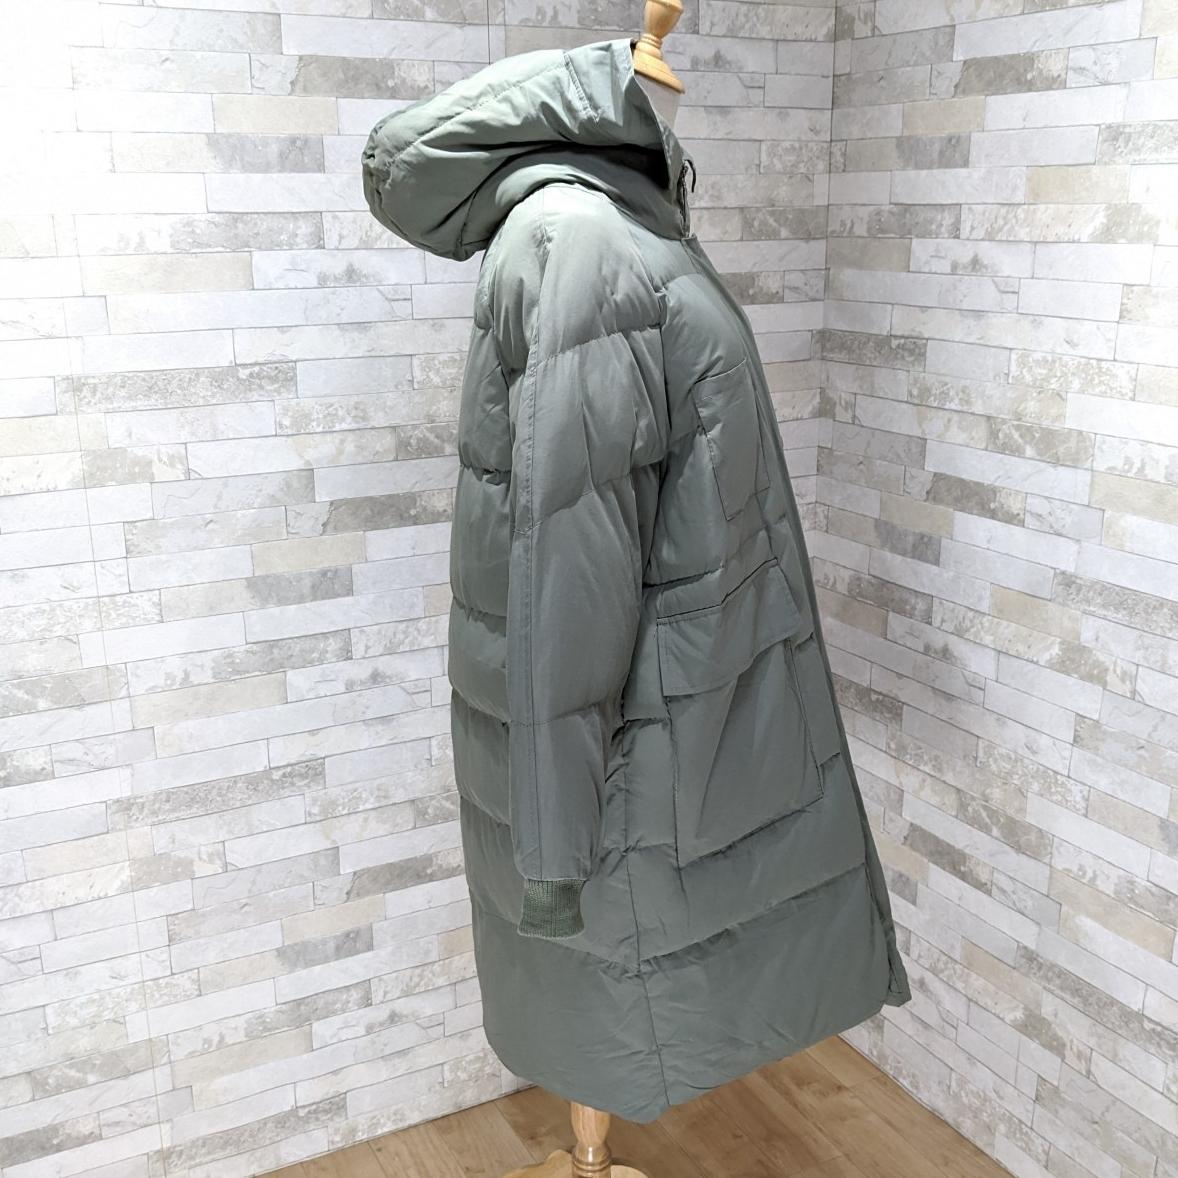 【即納】韓国 ファッション アウター ダウンジャケット ダウンコート 秋 冬 カジュアル SPTXD596  ペールカラー もこもこ ロング オーバーサイズ エコ オルチャン シンプル 定番 セレカジの写真14枚目